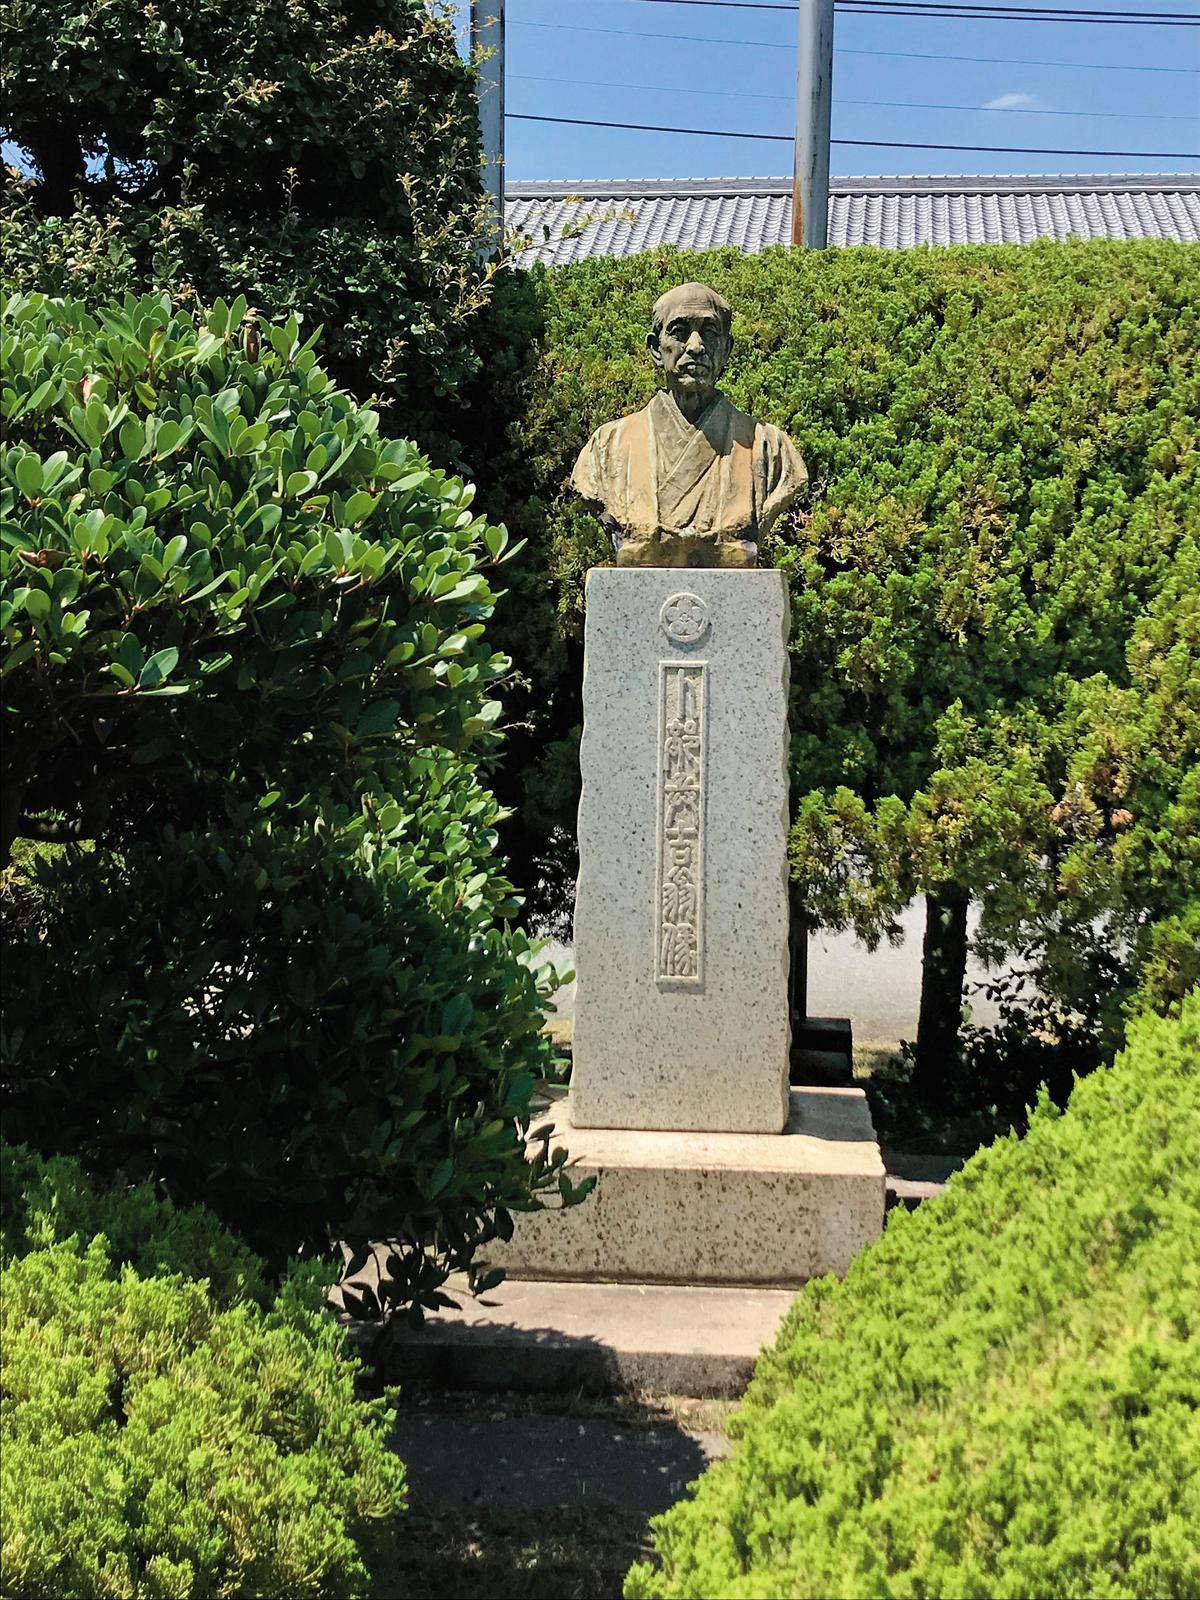 創辦人卜部兵吉的雕像,他於1888年(明治21年)創立了江井嶋酒造。